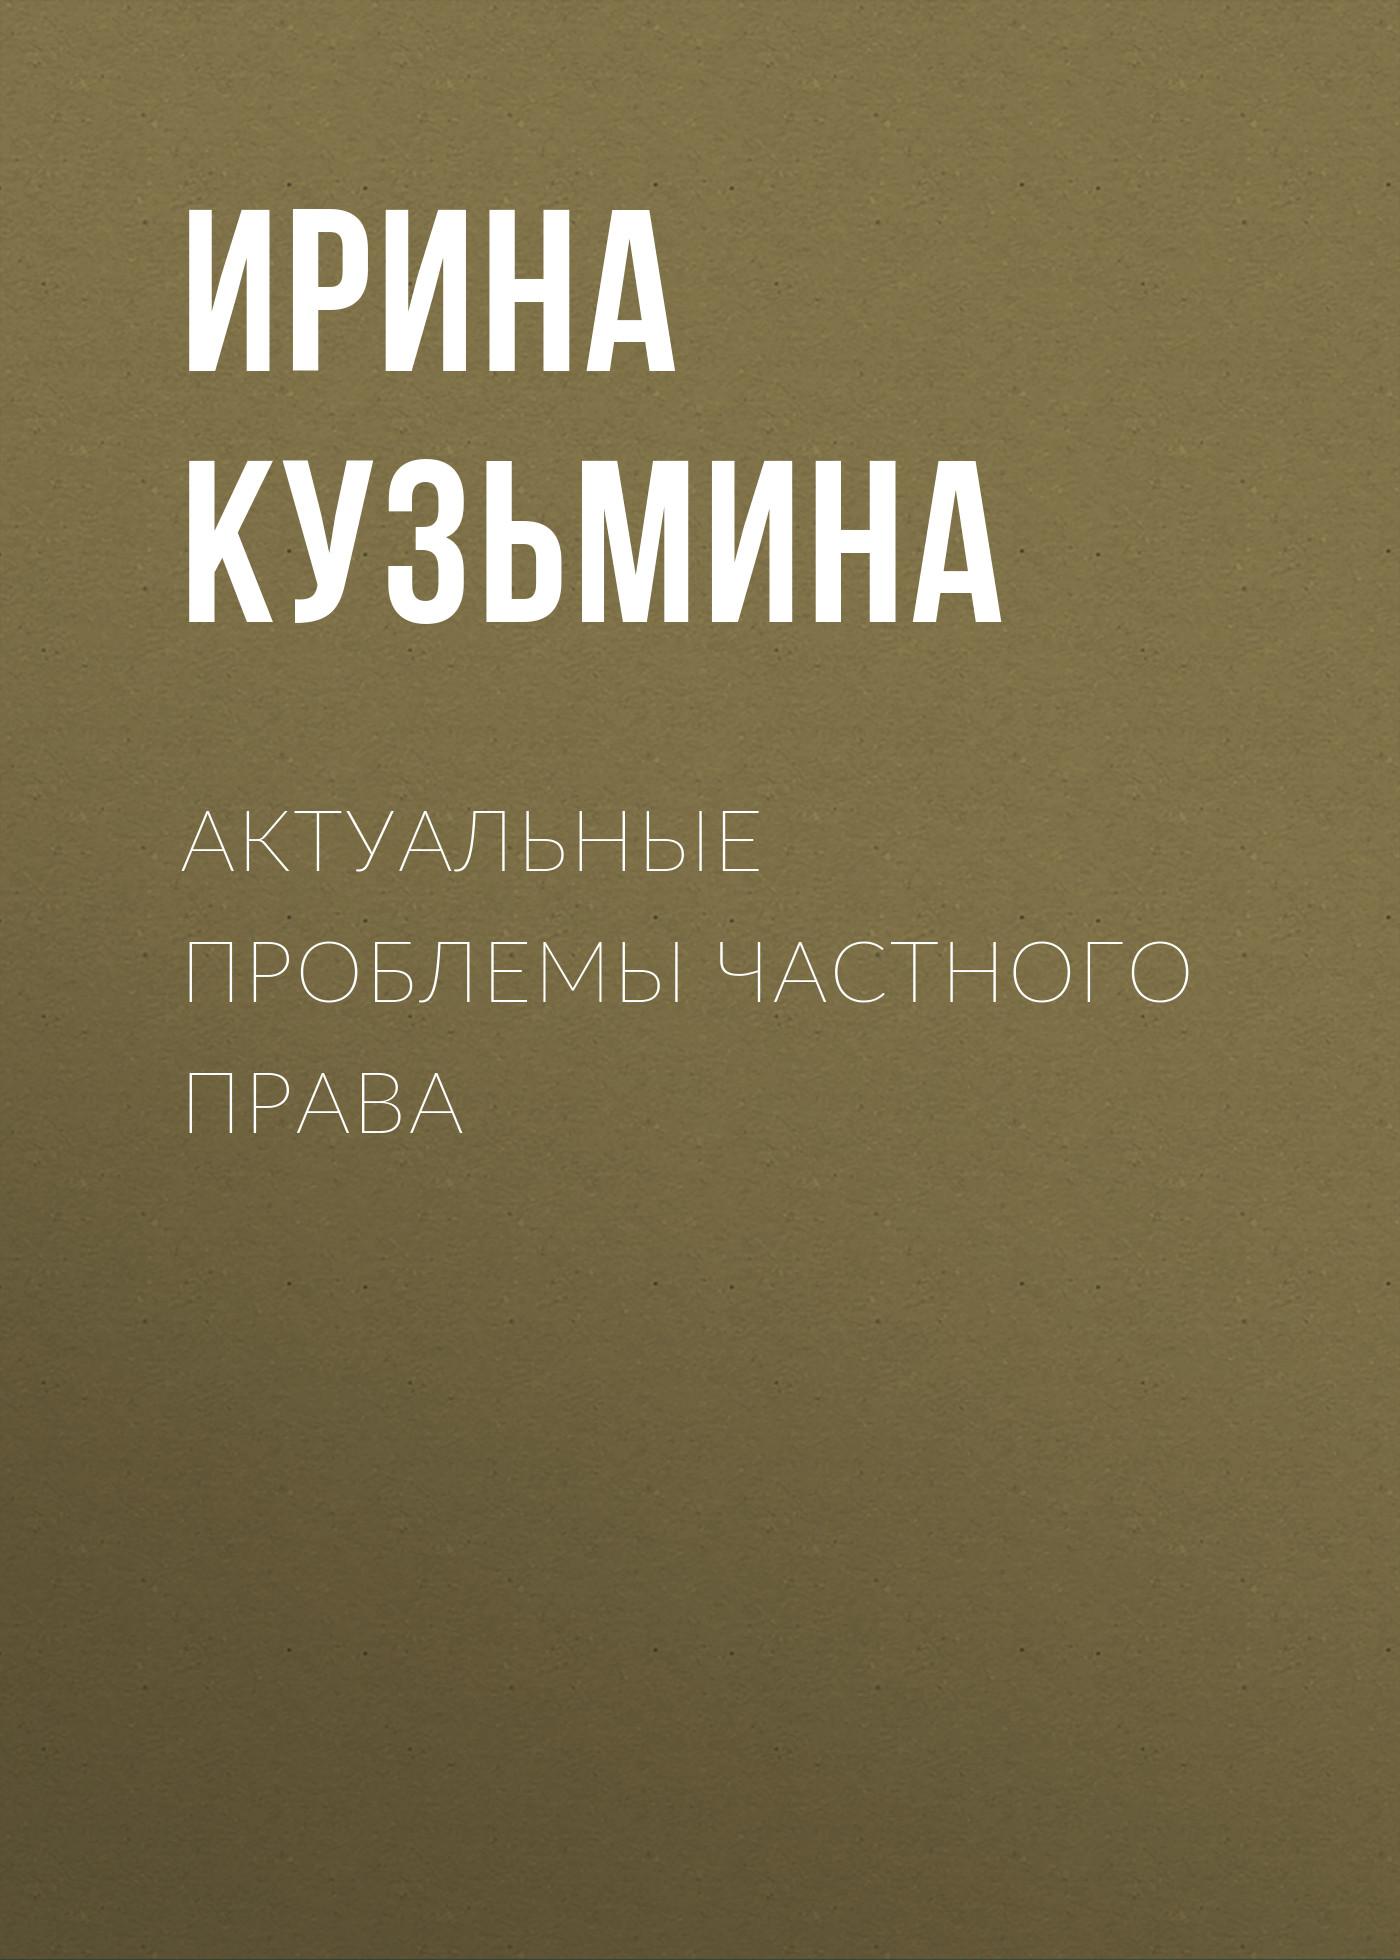 Ирина Кузьмина Актуальные проблемы частного права а и гомола о б семенова семейное право учебное пособие